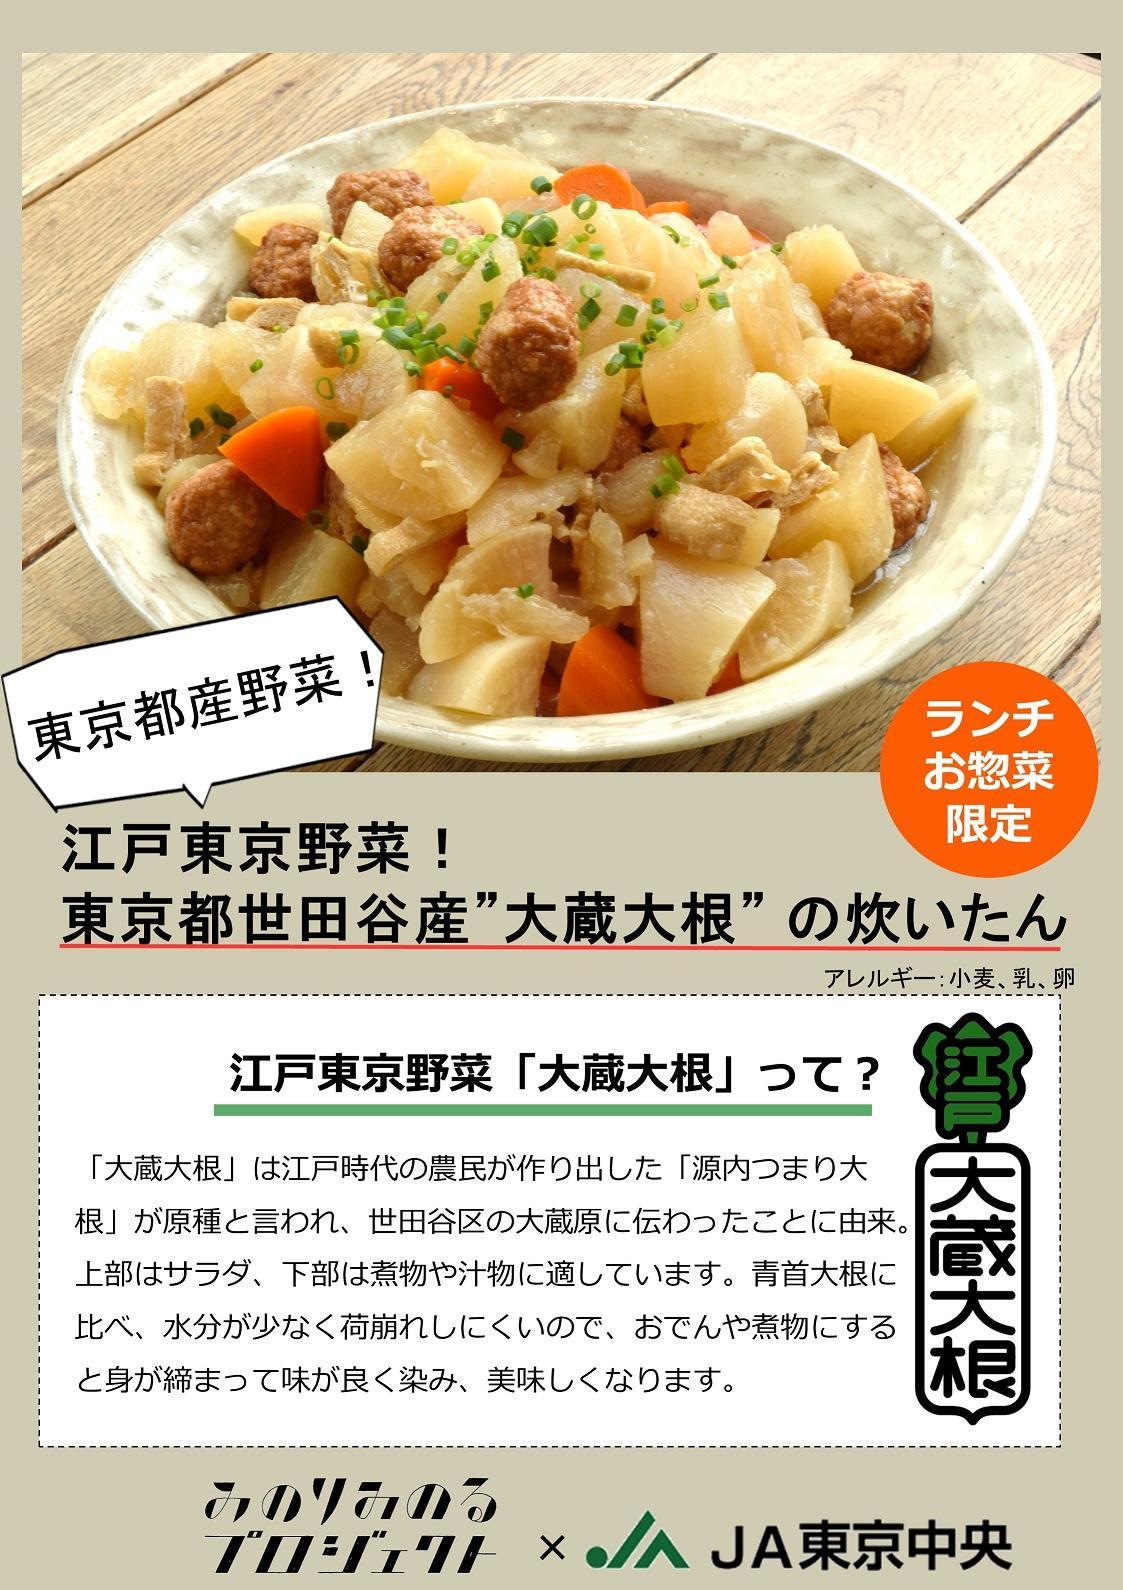 191202大蔵大根ランチ惣菜(JA東京中央様).jpg